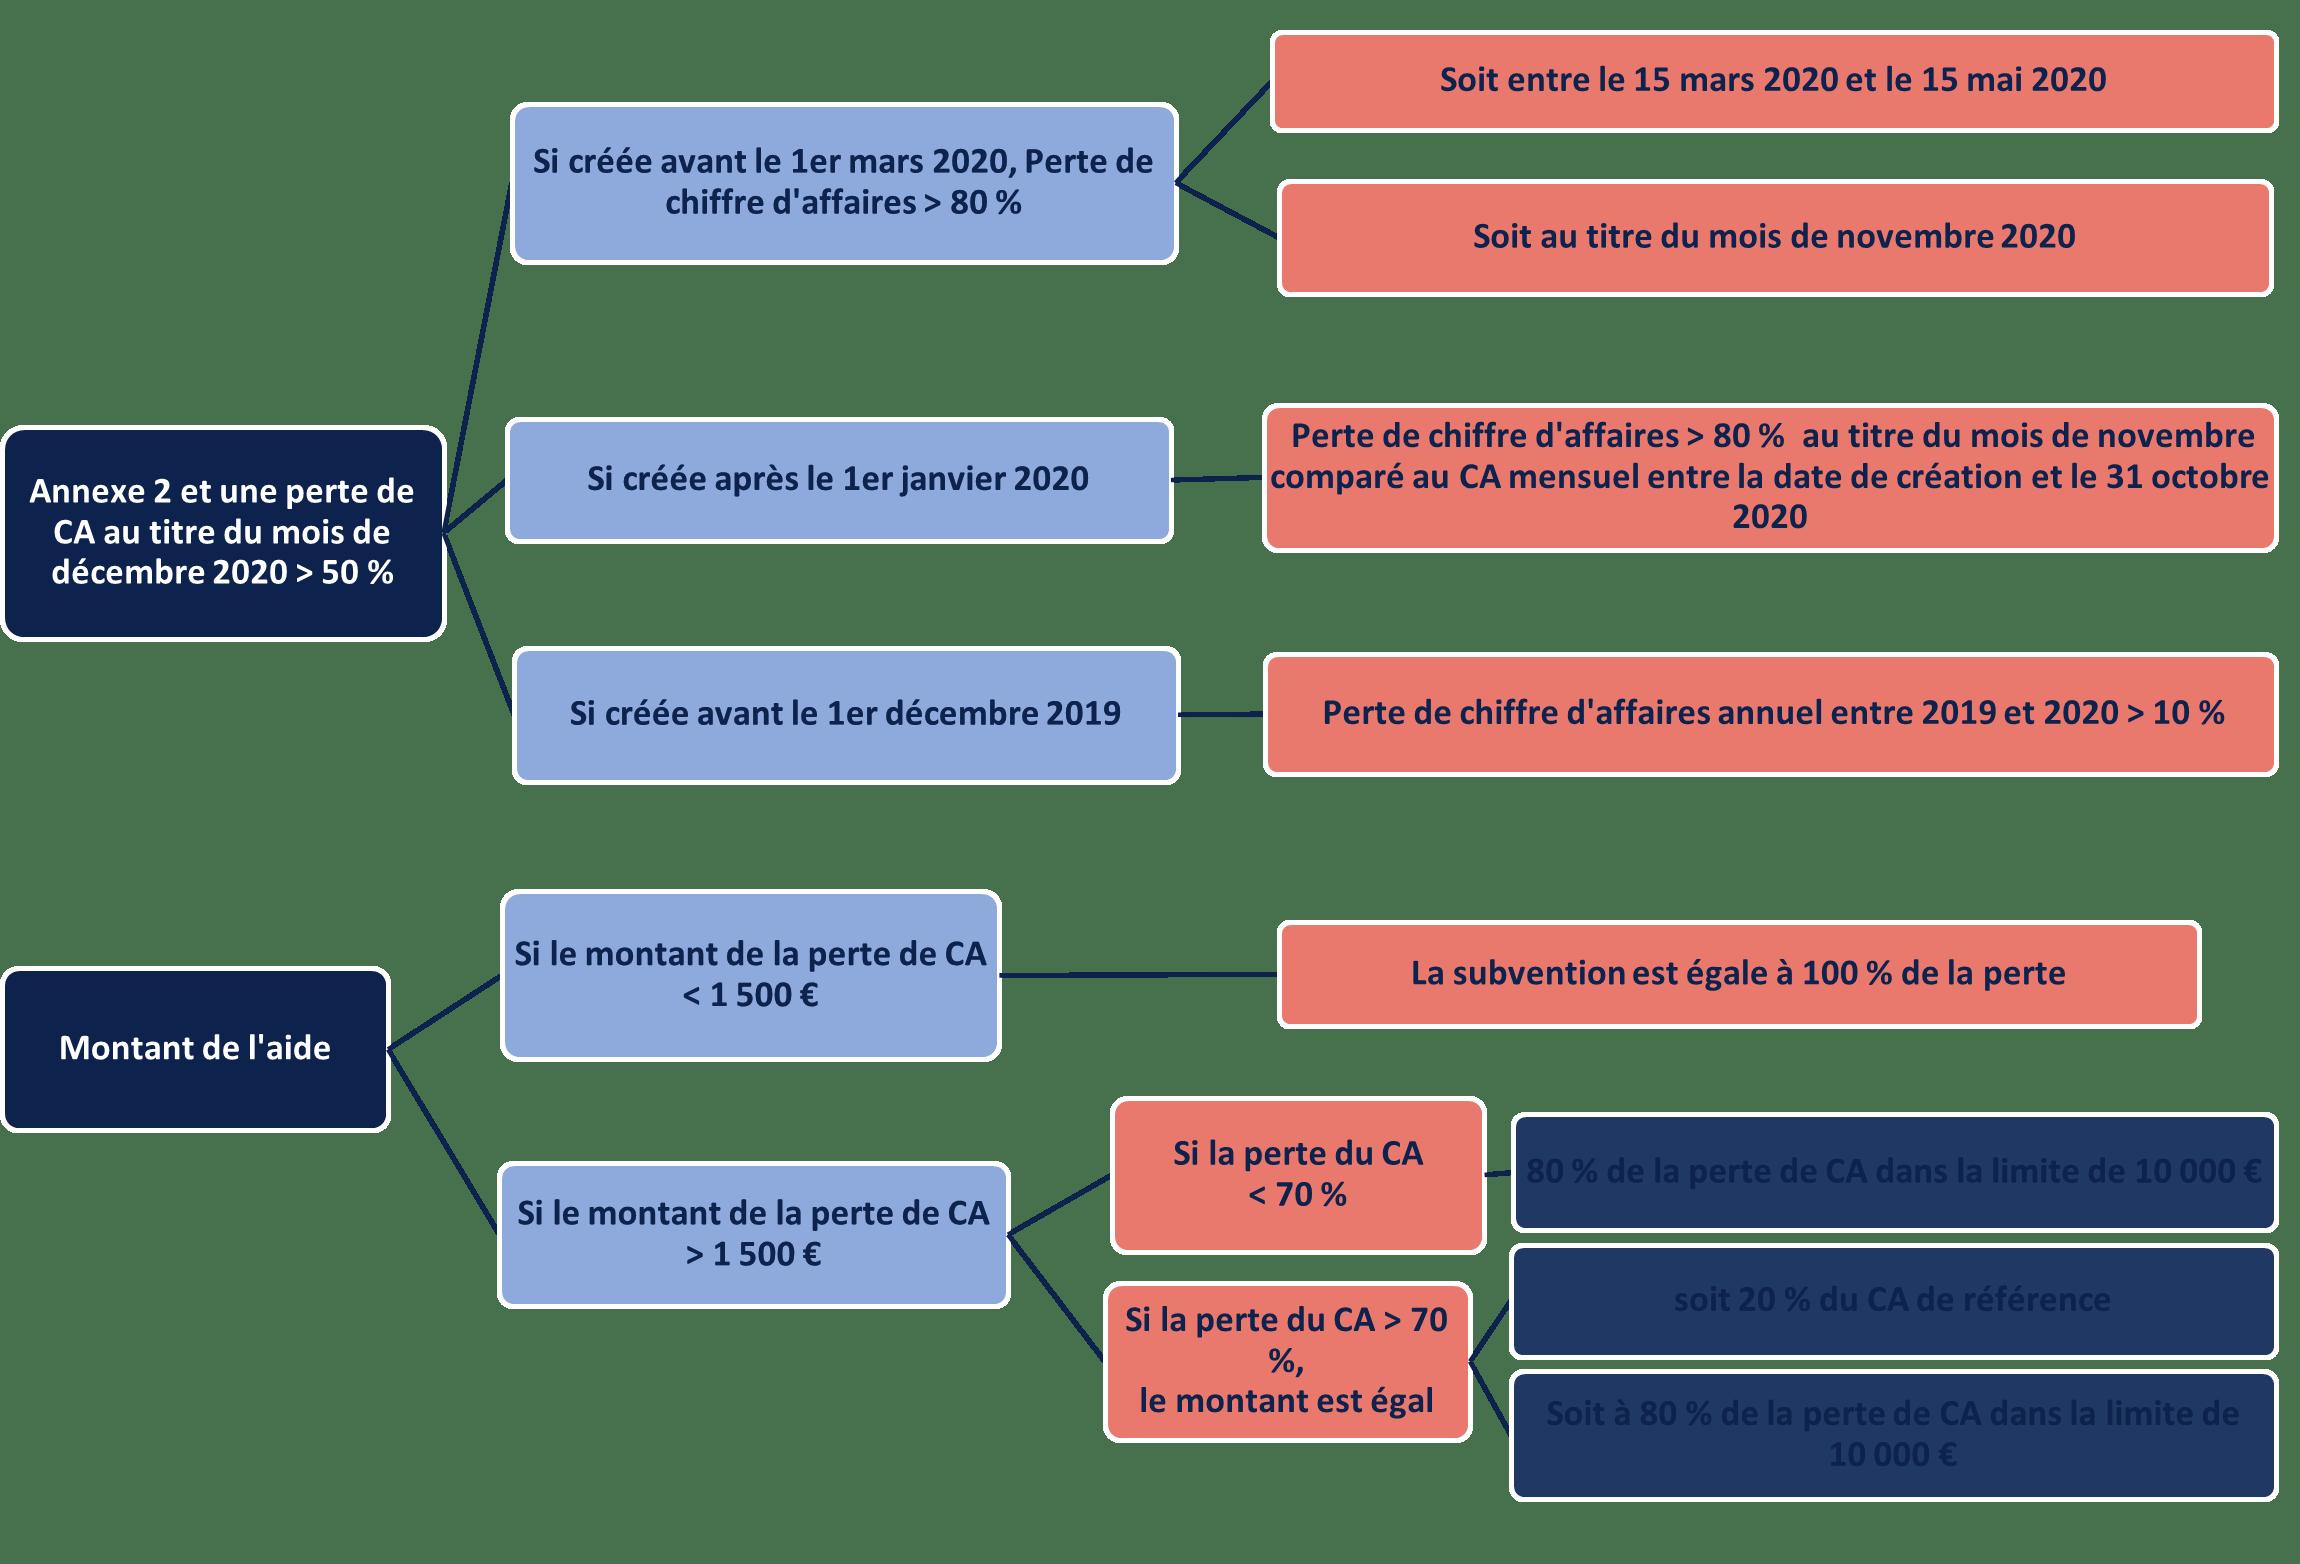 FONDS DE SOLIDARITÉ 1ER VOLET – ARTICLE 3-17